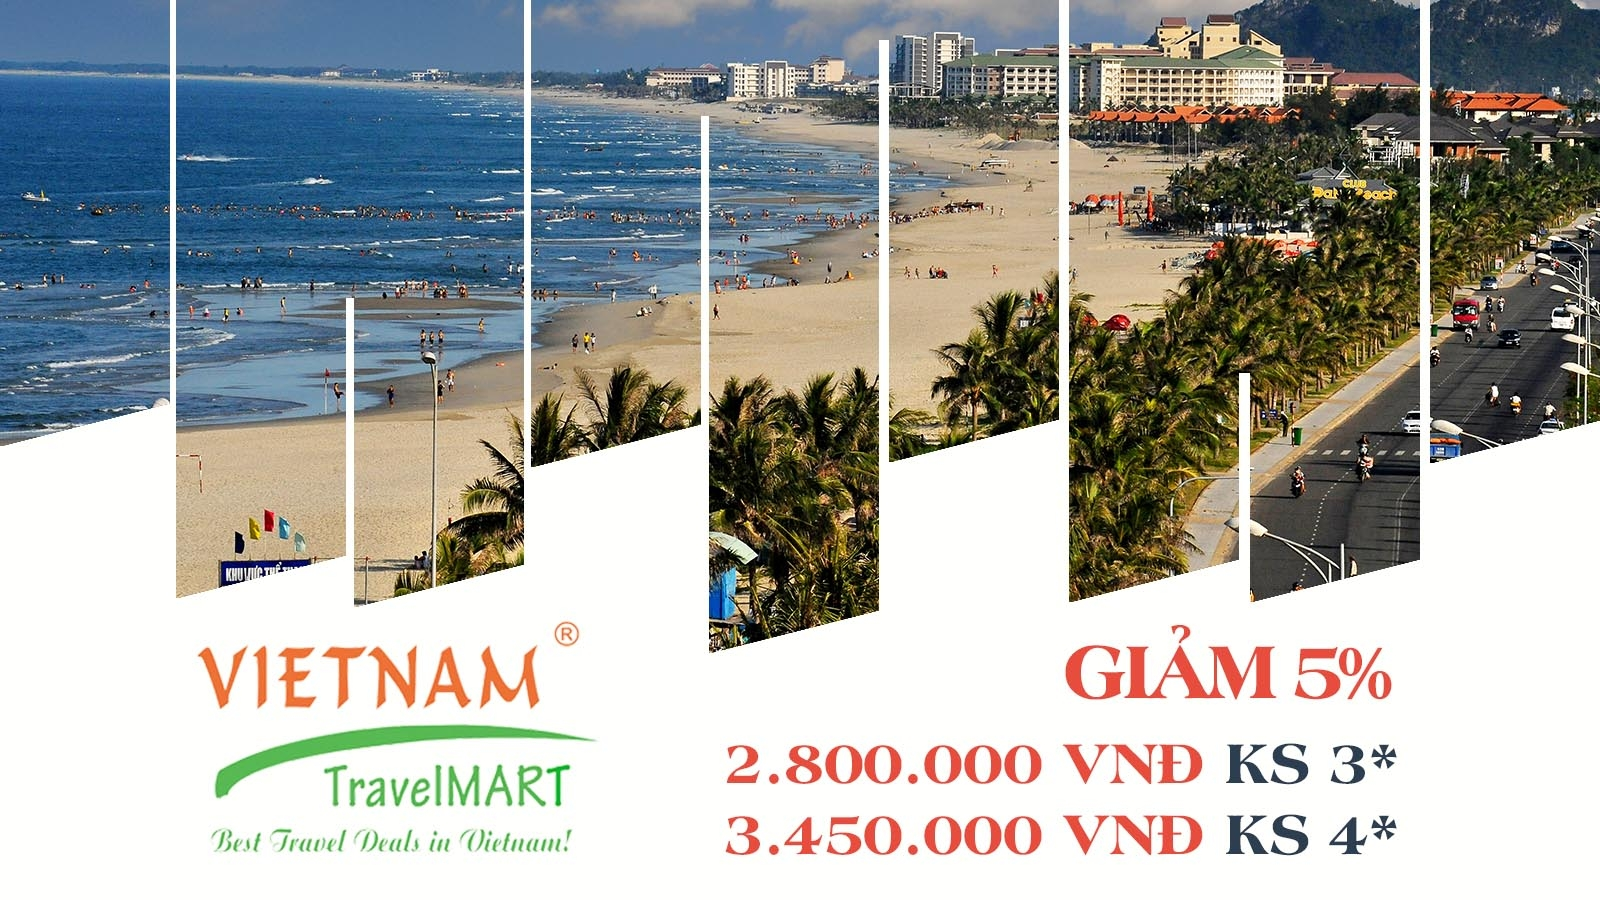 Vietnam TravelMART JSC   Giảm 5% Tour Thiên Đường Miền Trung 4N3Đ 1